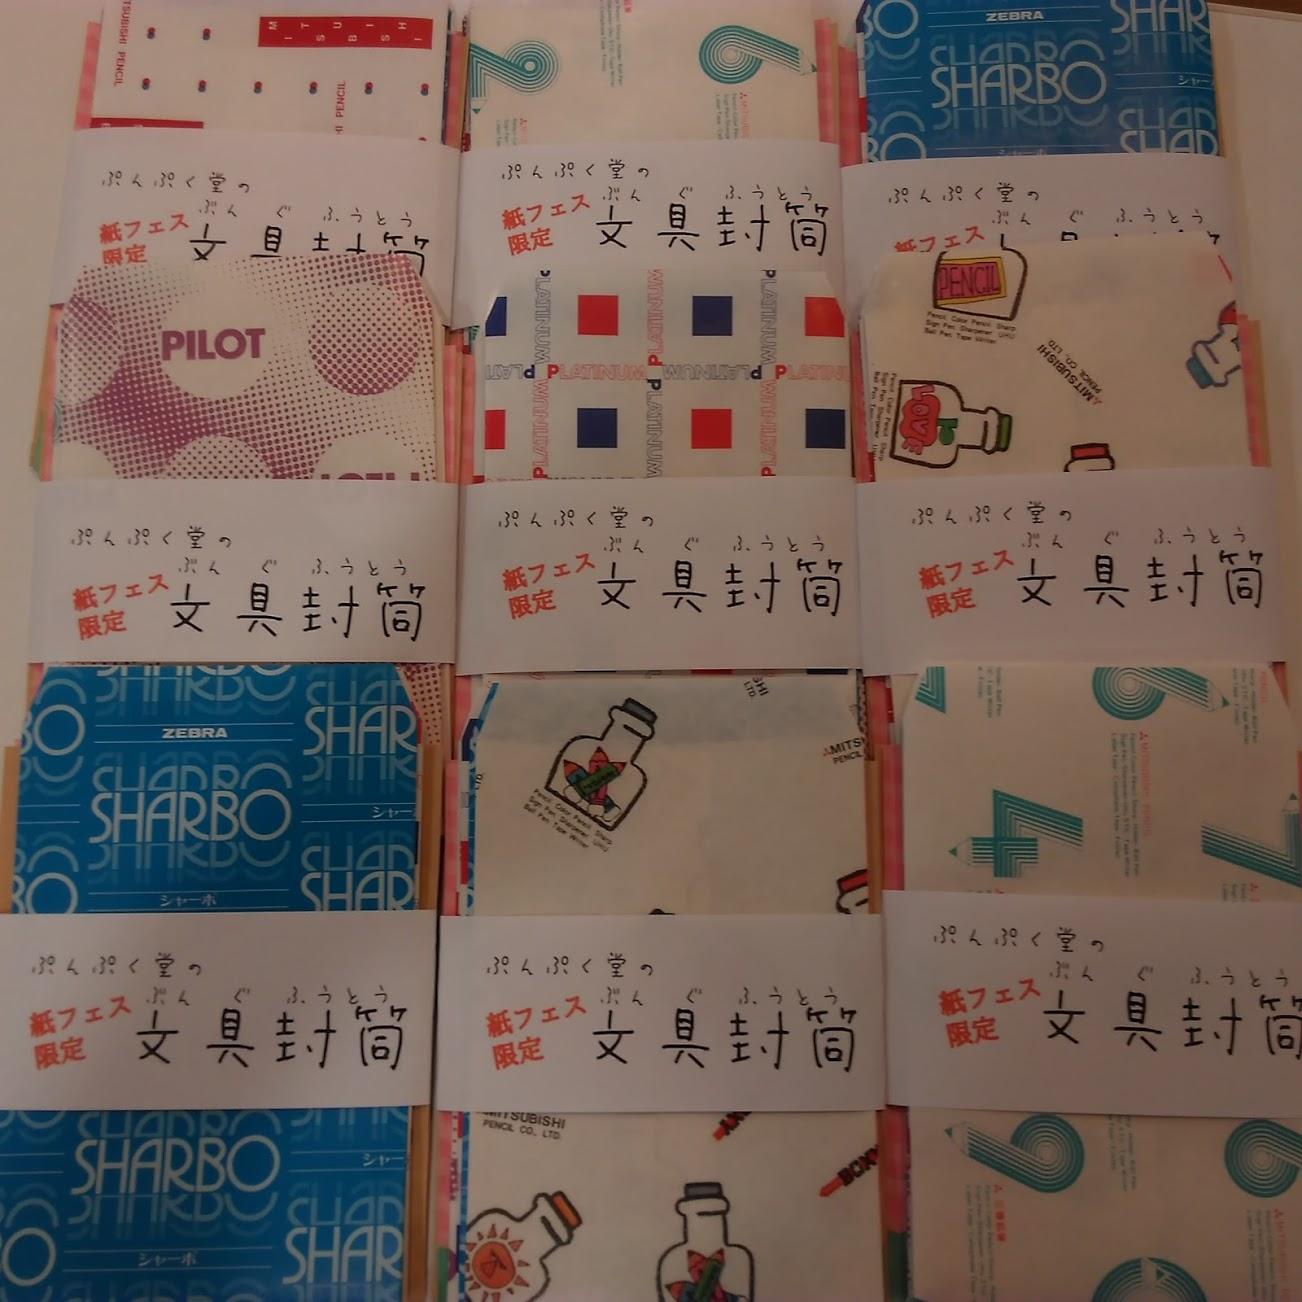 紙フェスKOBE2016ぷんぷく堂限定商品のご紹介